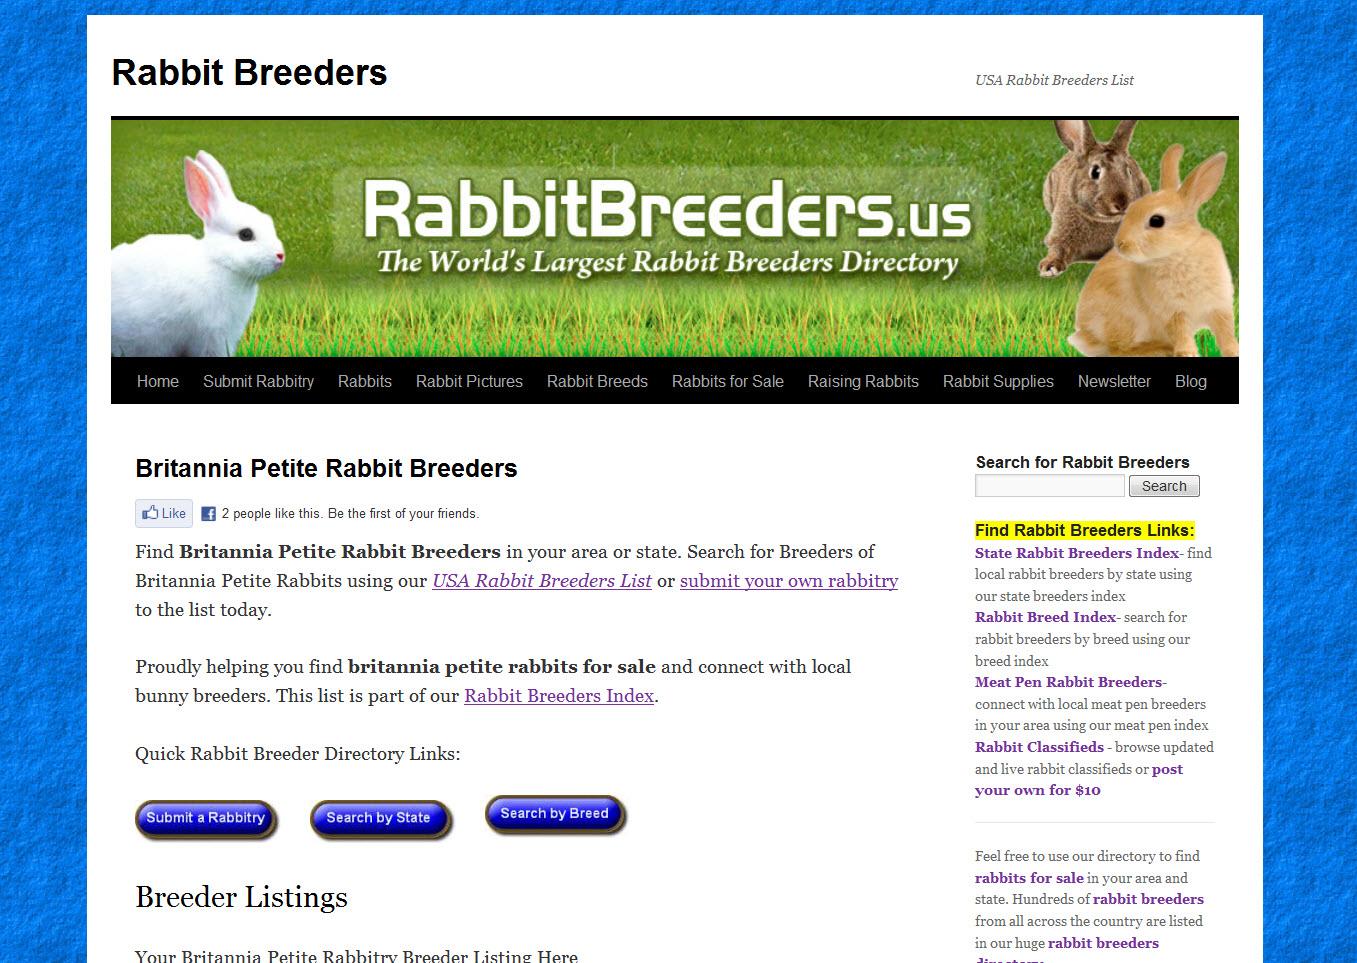 Britannia Petite Rabbit Breeders